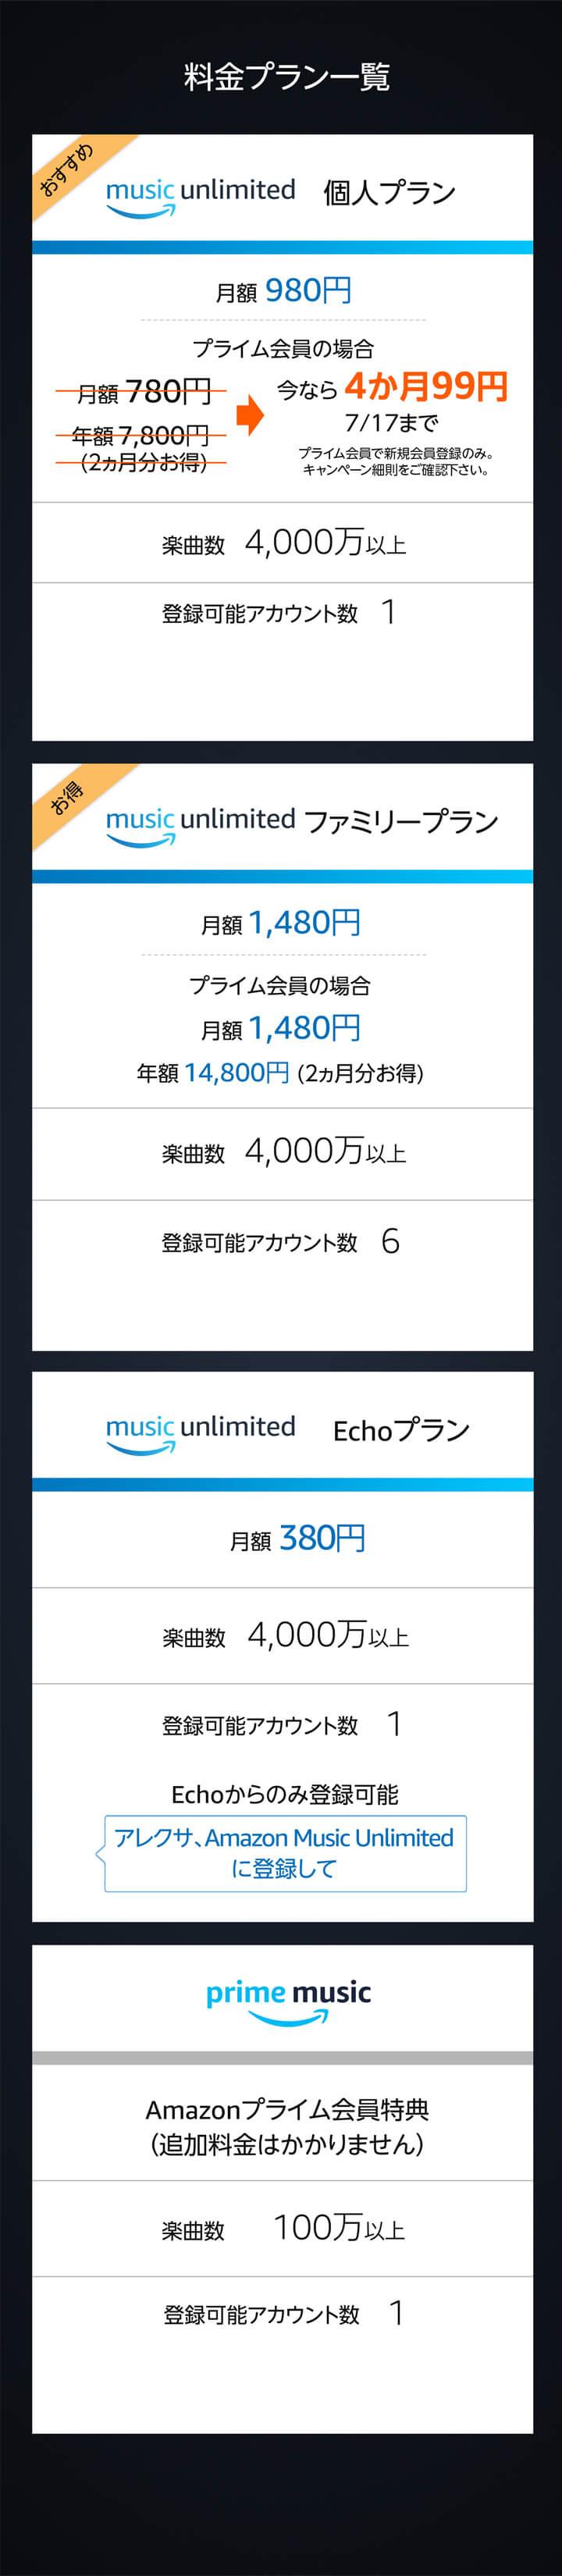 料金プラン一覧。Amazon Music Unlimited個人プランは楽曲数4,000万以上、登録可能アカウント数1つで月額980円。プライム会員の場合月額780円(年額7,800円 - 2ヶ月分お得)。ファミリープランは楽曲数4,000万以上、登録可能アカウント数6つで月額1,480円。プライム会員の場合月額1,480円(年額14,800円 - 2ヶ月分お得)。Echoプランは楽曲数4,000万以上、登録可能アカウント数1つで月額料金380円。Echoからのみ登録可能?!弗ⅴ欹?、Amazon Music Unlimitedに登録して」と話しかけるだけ。Prime Musicは楽曲数100万以上、登録可能アカウント数1つ。Amazonプライム会員特典(追加料金はかかりません)。